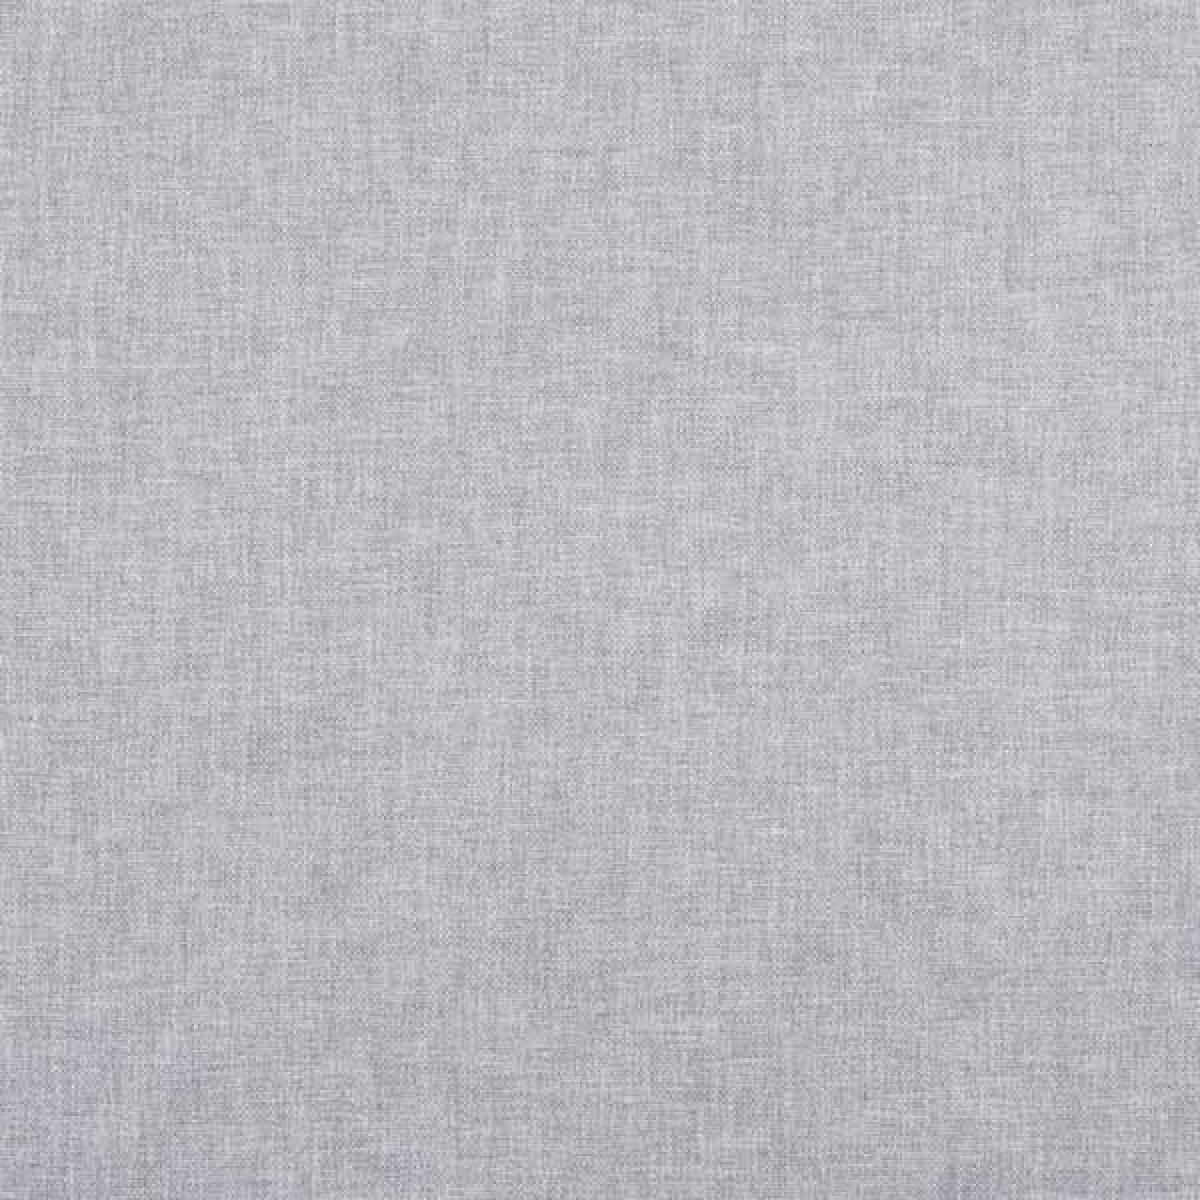 Chambray fabric mist chambraymist warwick chambray for Chambray fabric